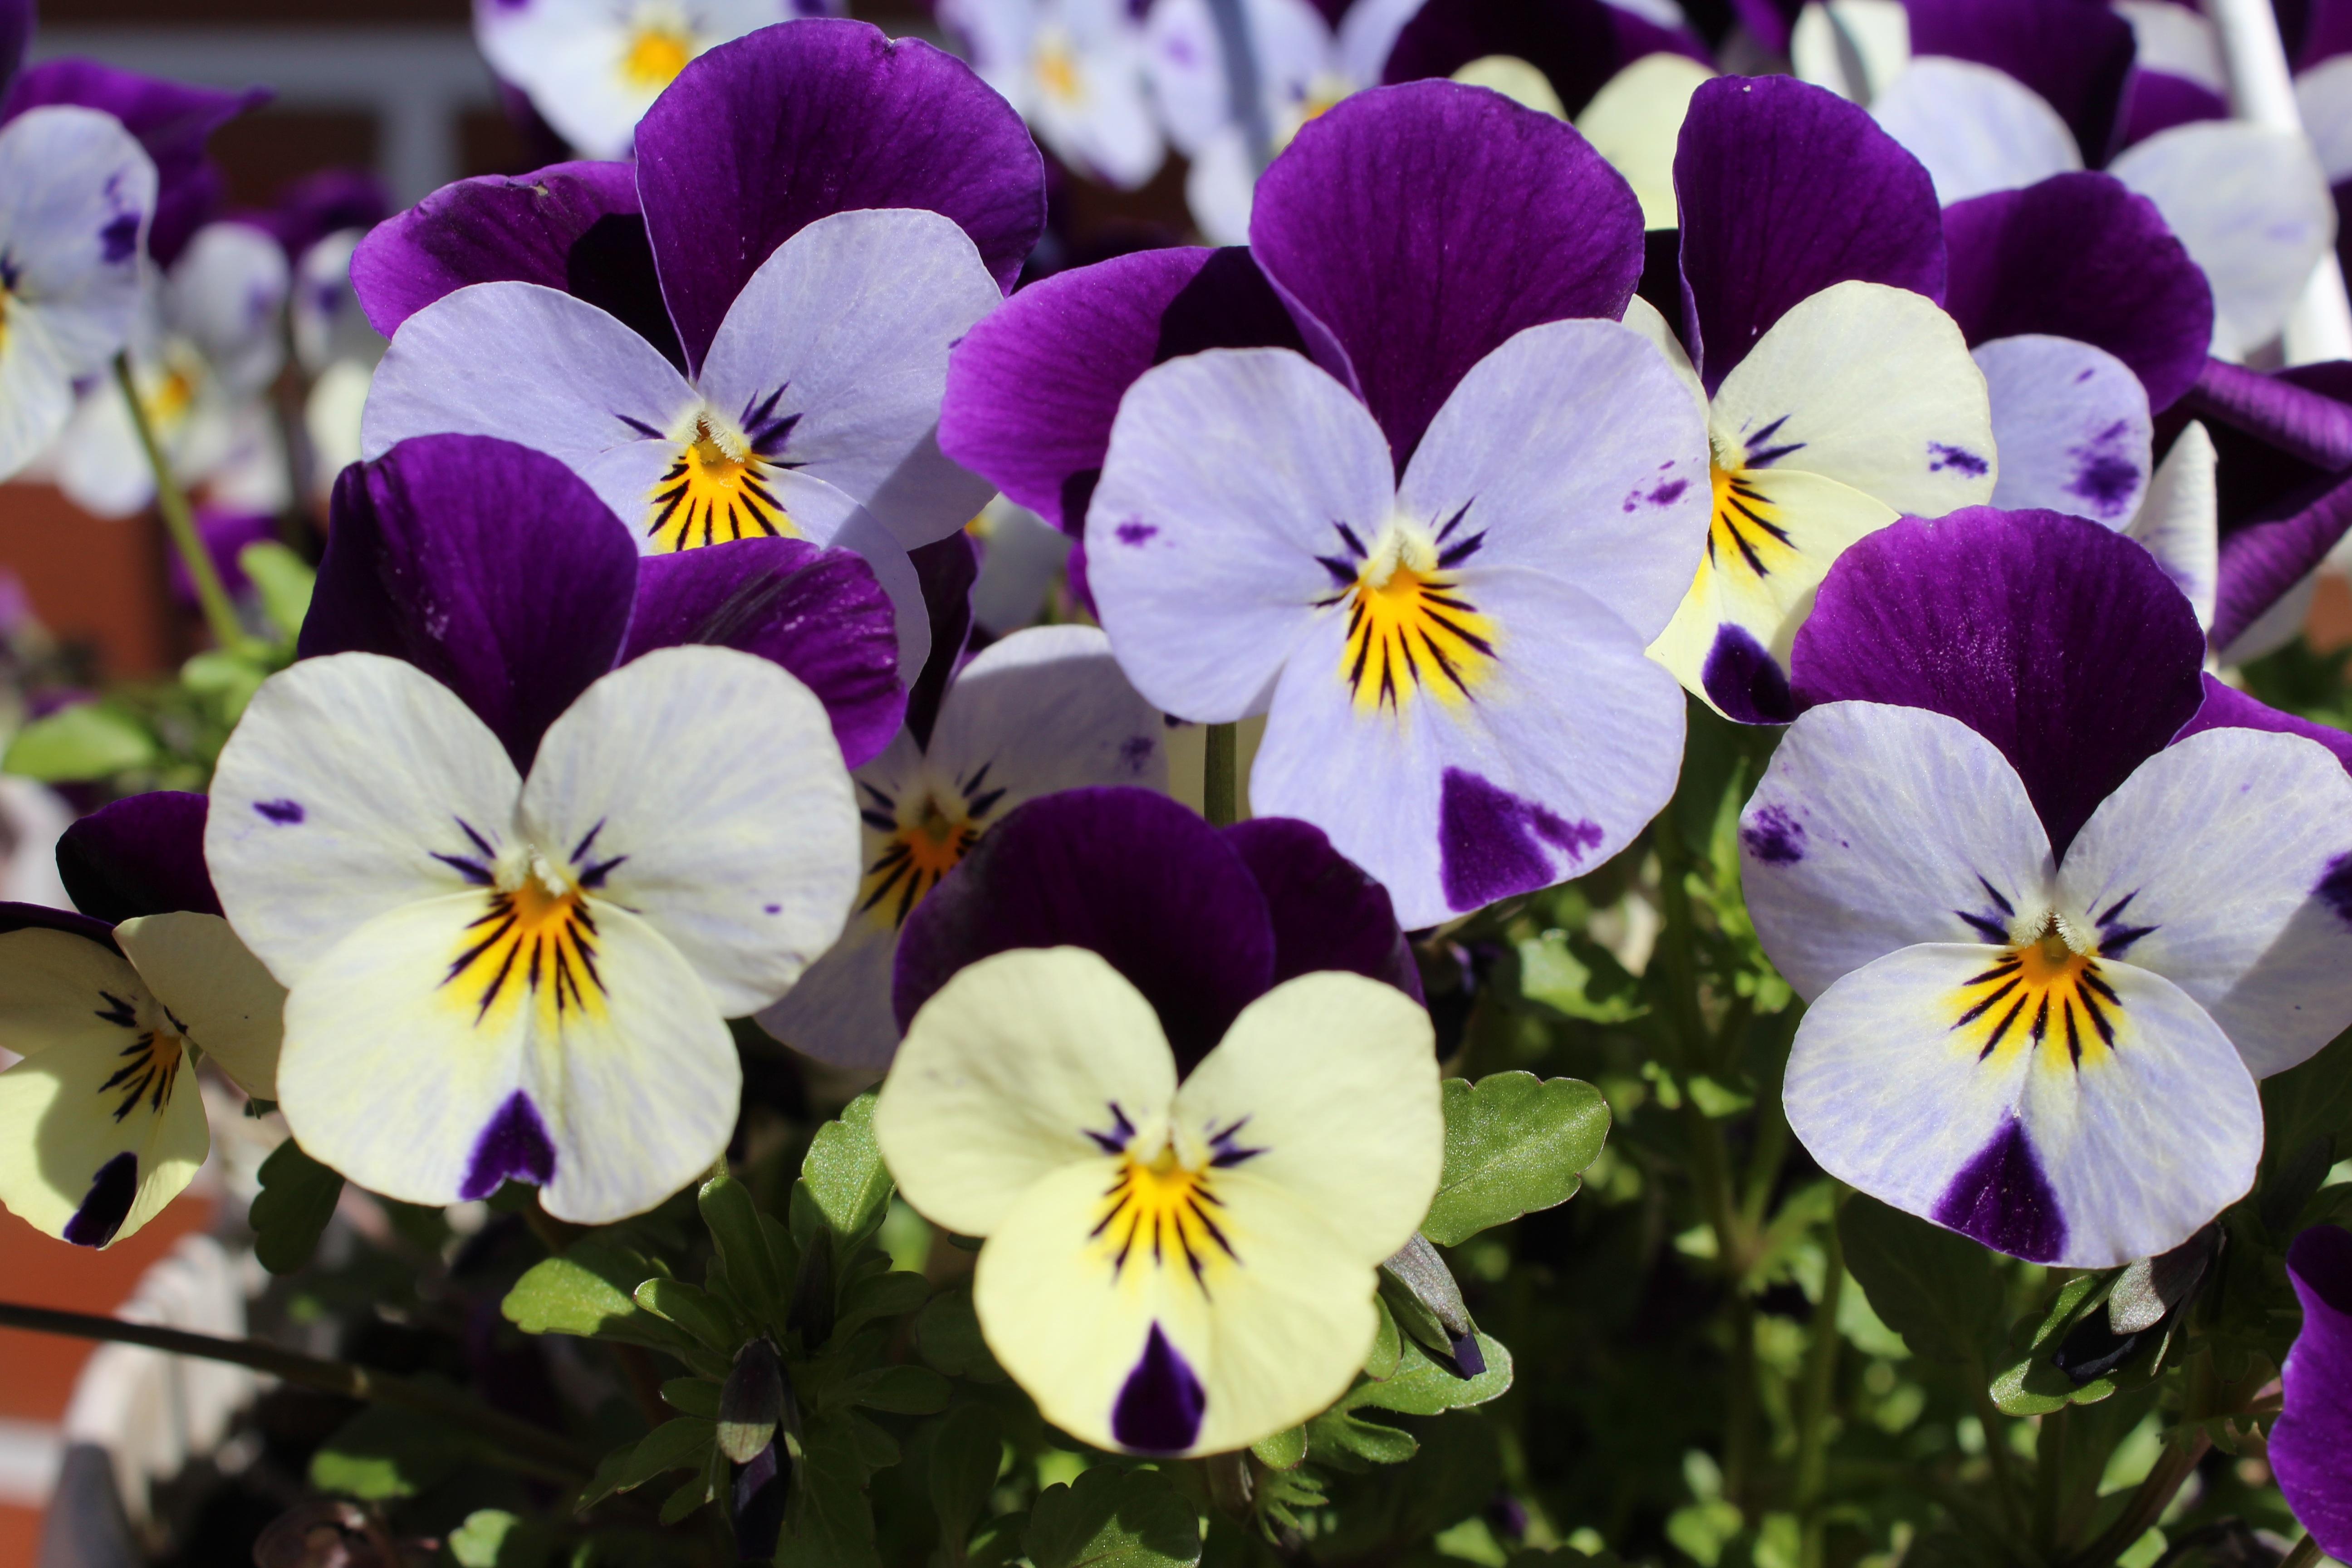 попали анютины глазки фото цветов хорошего разрешения форма британских